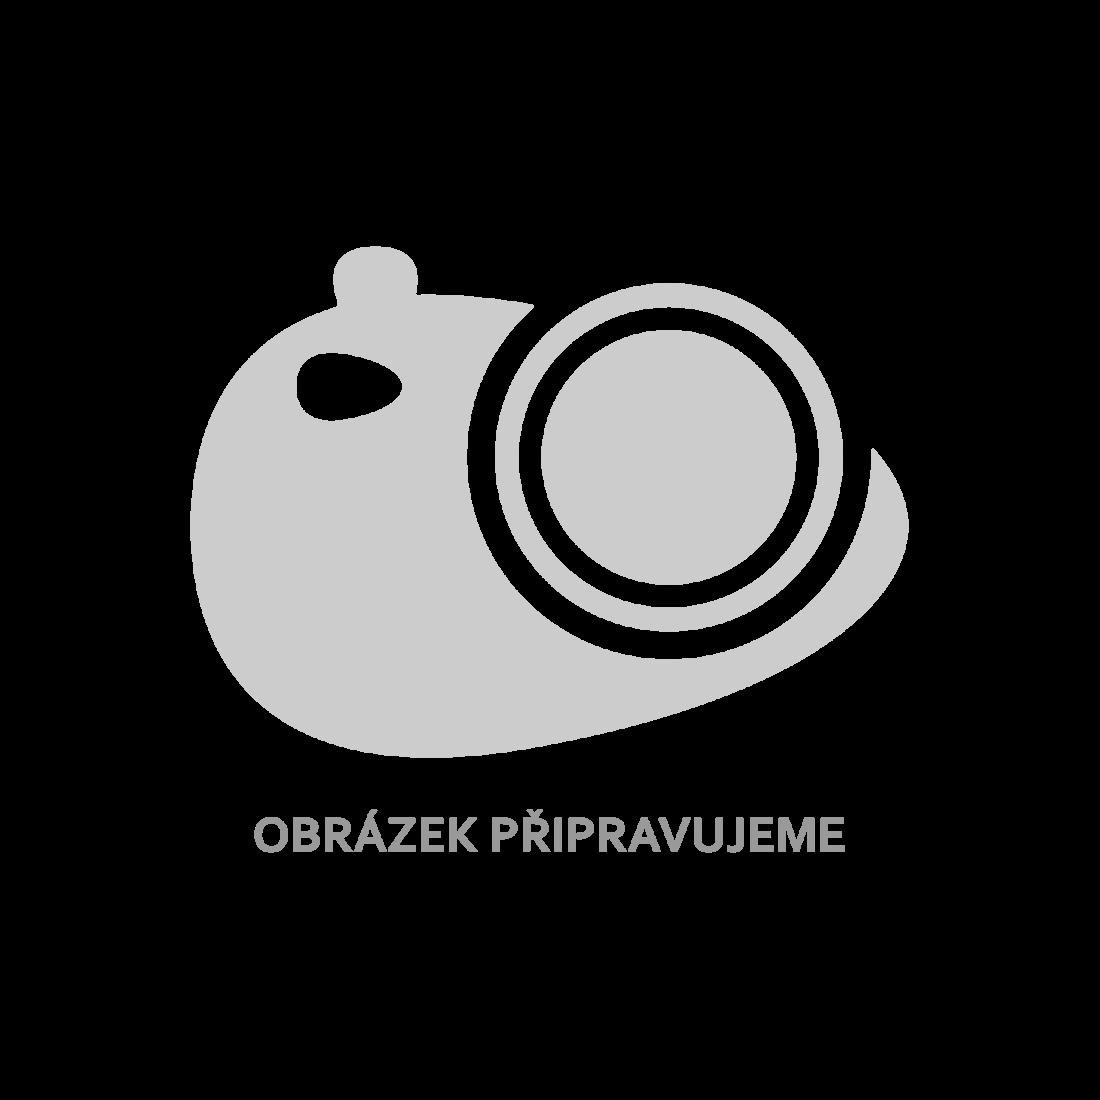 vidaXL TV stolek betonově šedý 72 x 35 x 36,5 cm dřevotříska [805529]